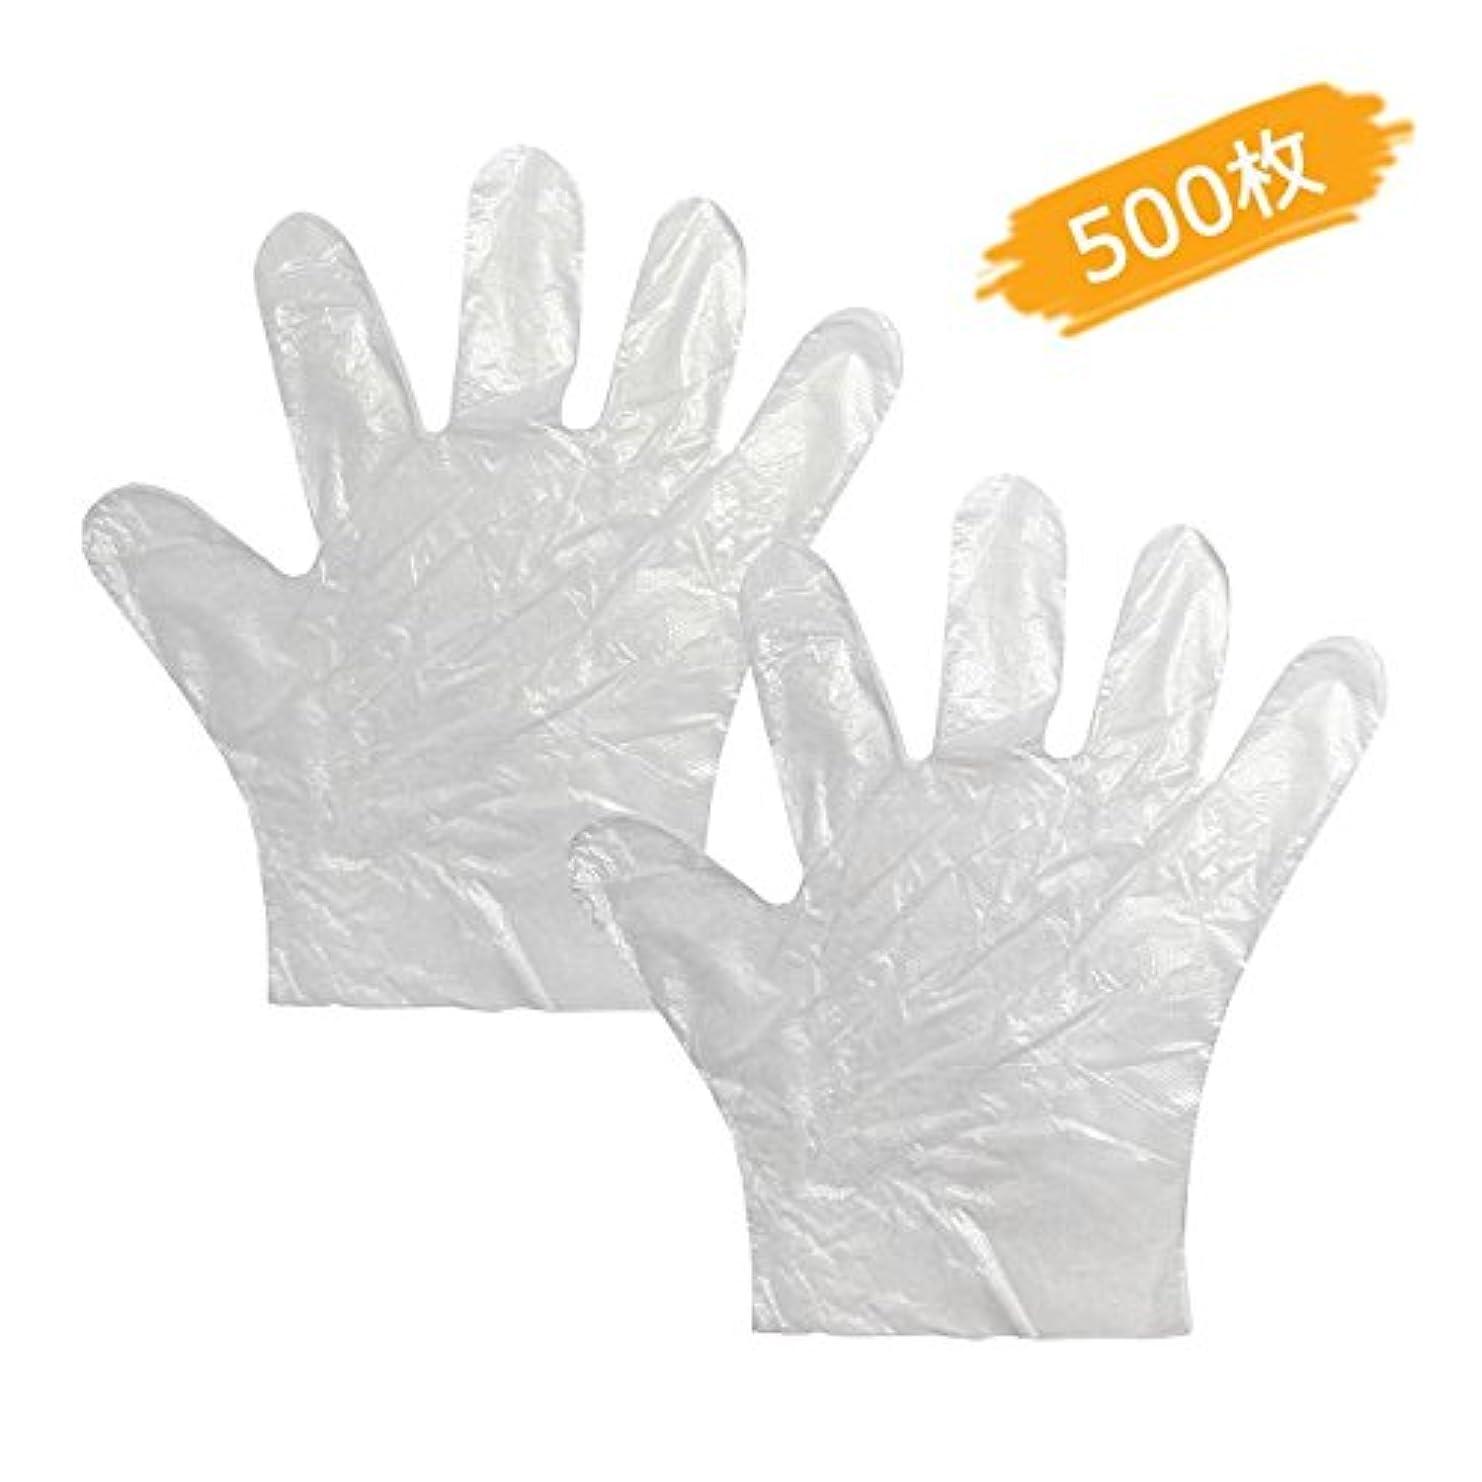 正確な地下室アパル使い捨て手袋 プラスティック手袋 極薄ビニール手袋 調理 透明 実用 500枚入